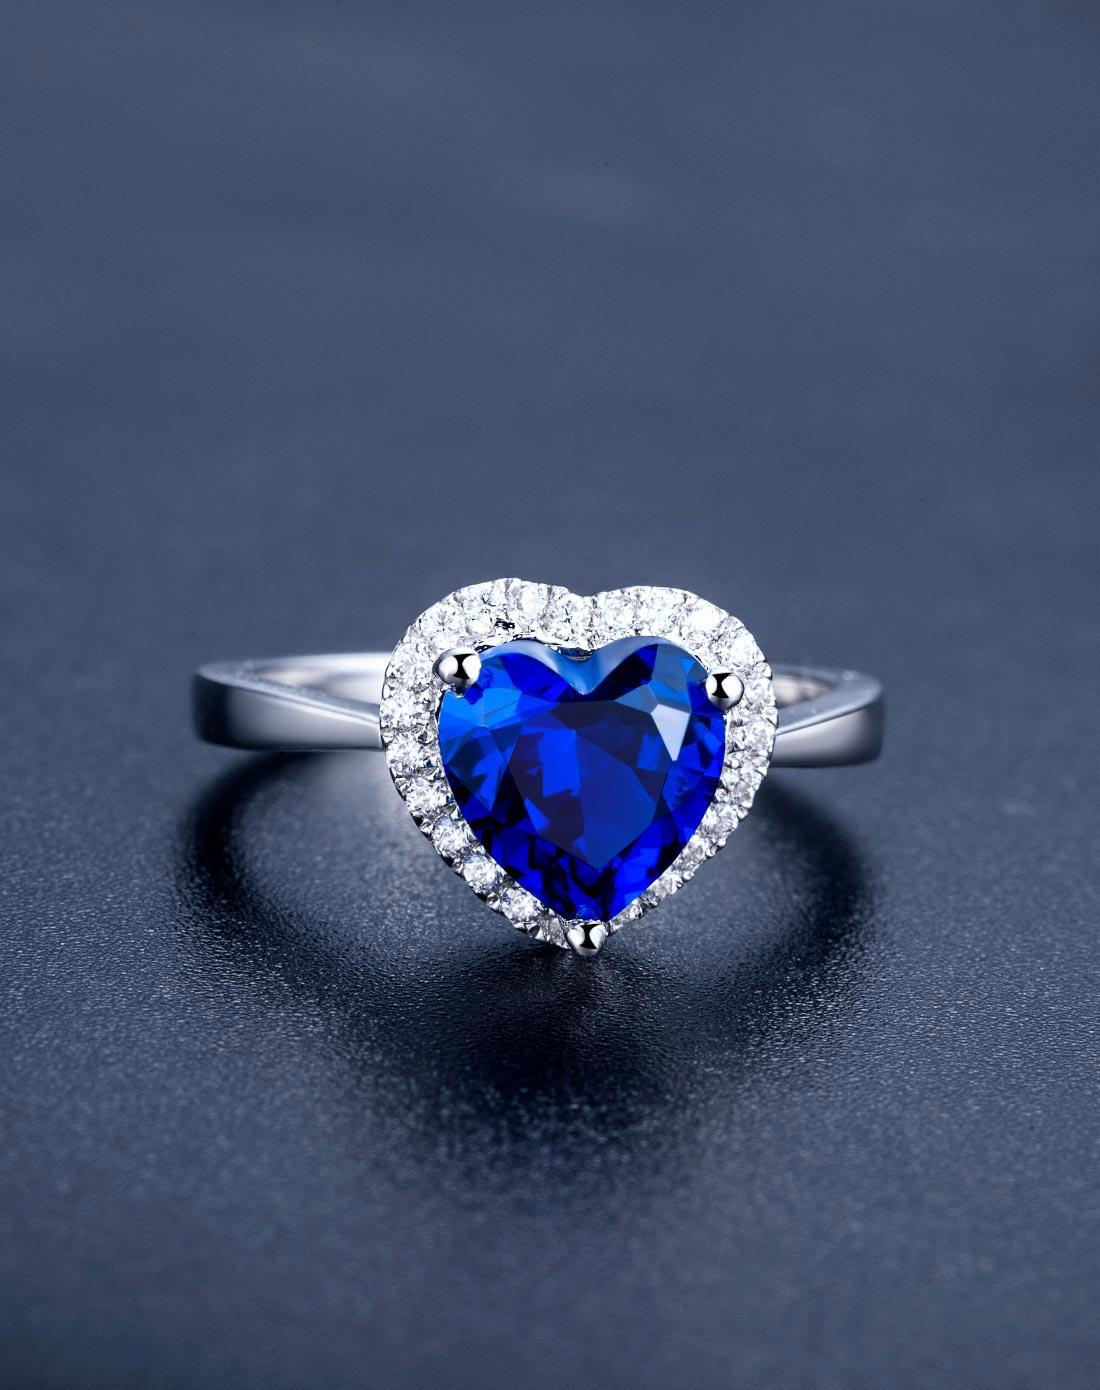 我叫MT online蓝色设备介绍之蓝宝石戒指哪里掉